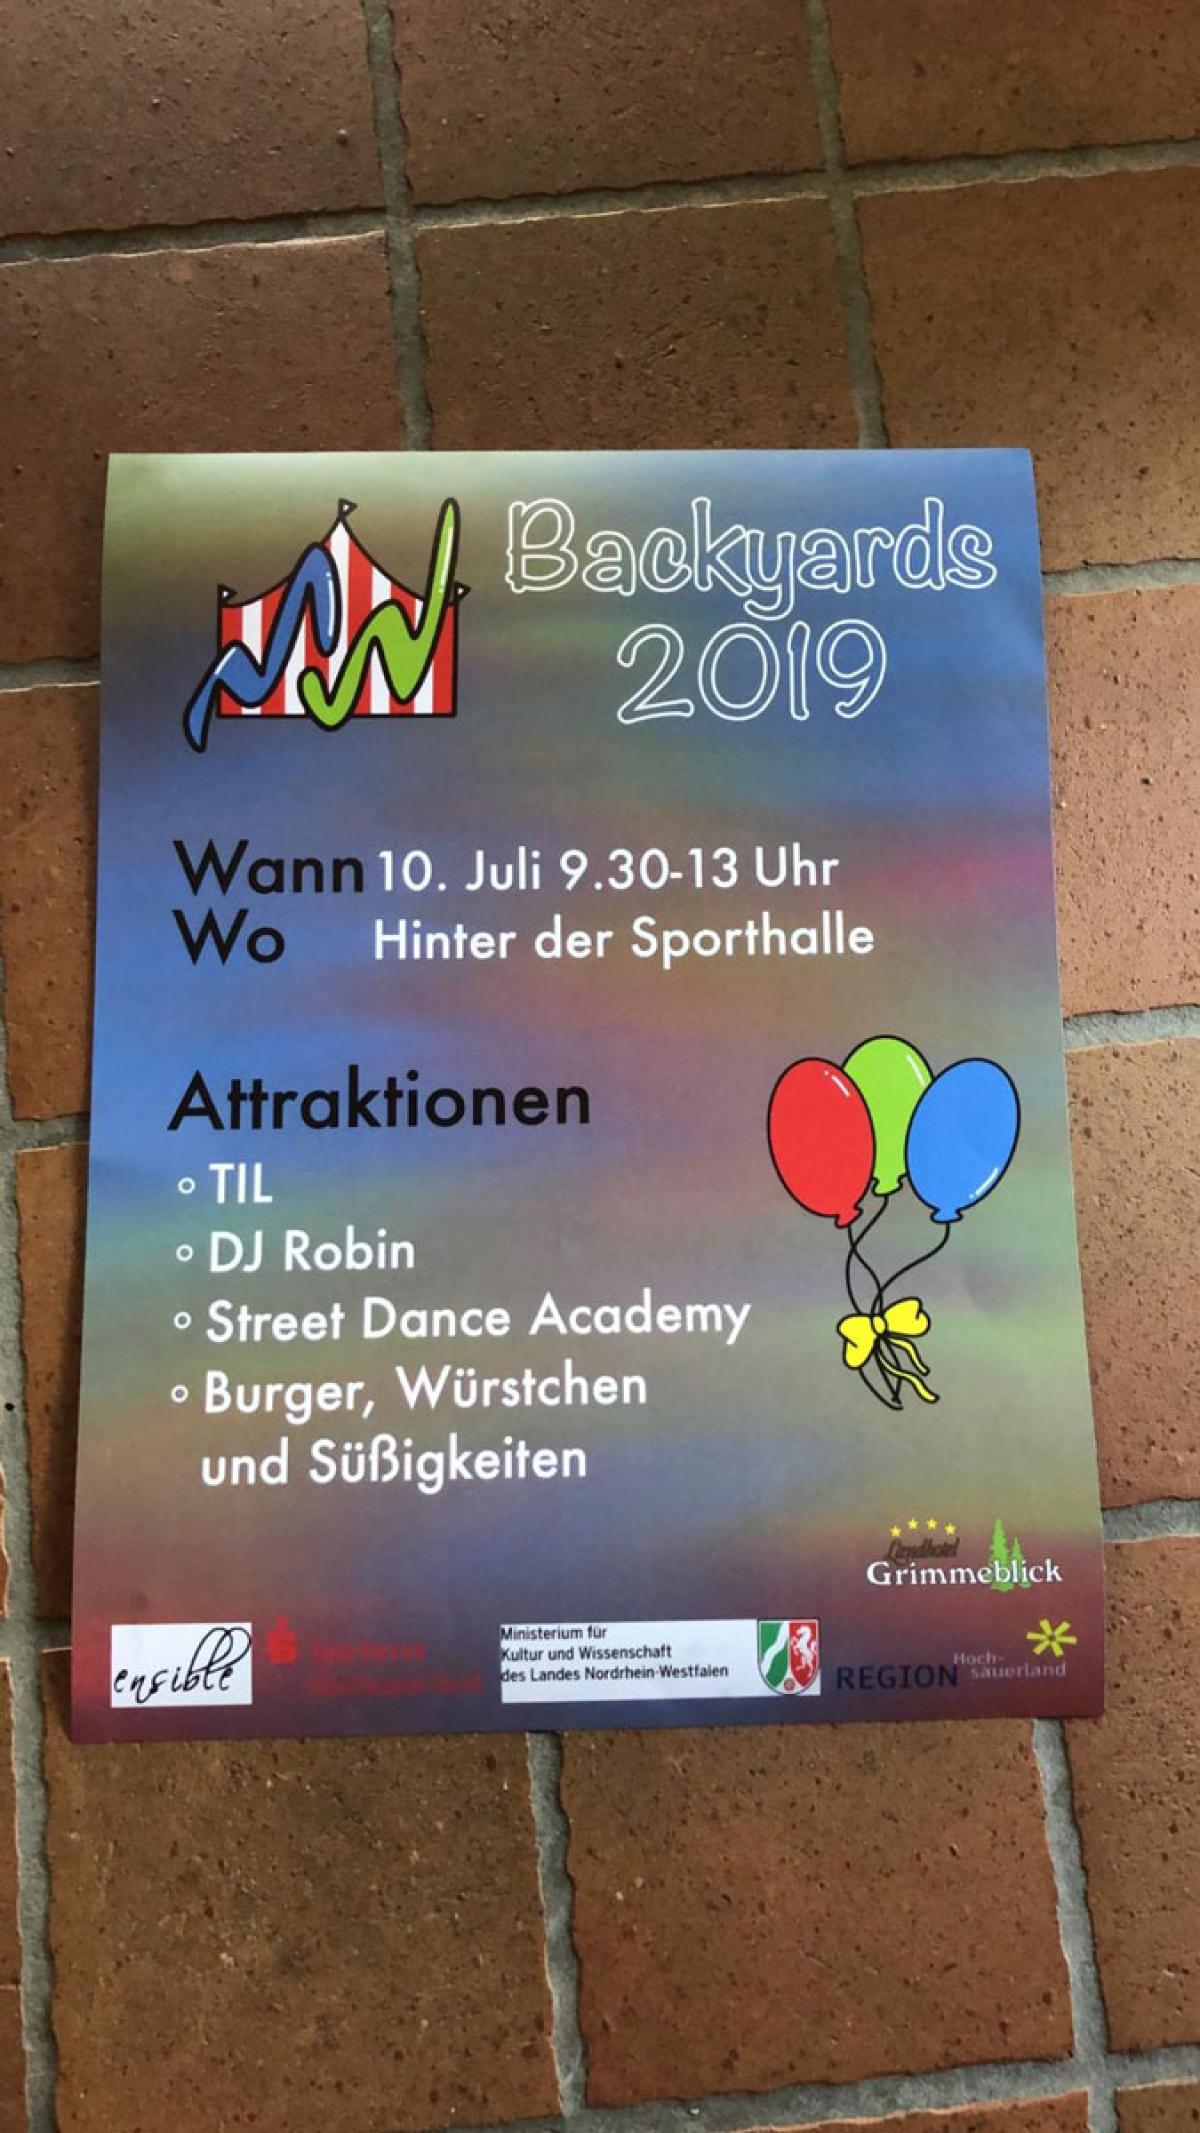 Backyards-Schulhoffestival 2019